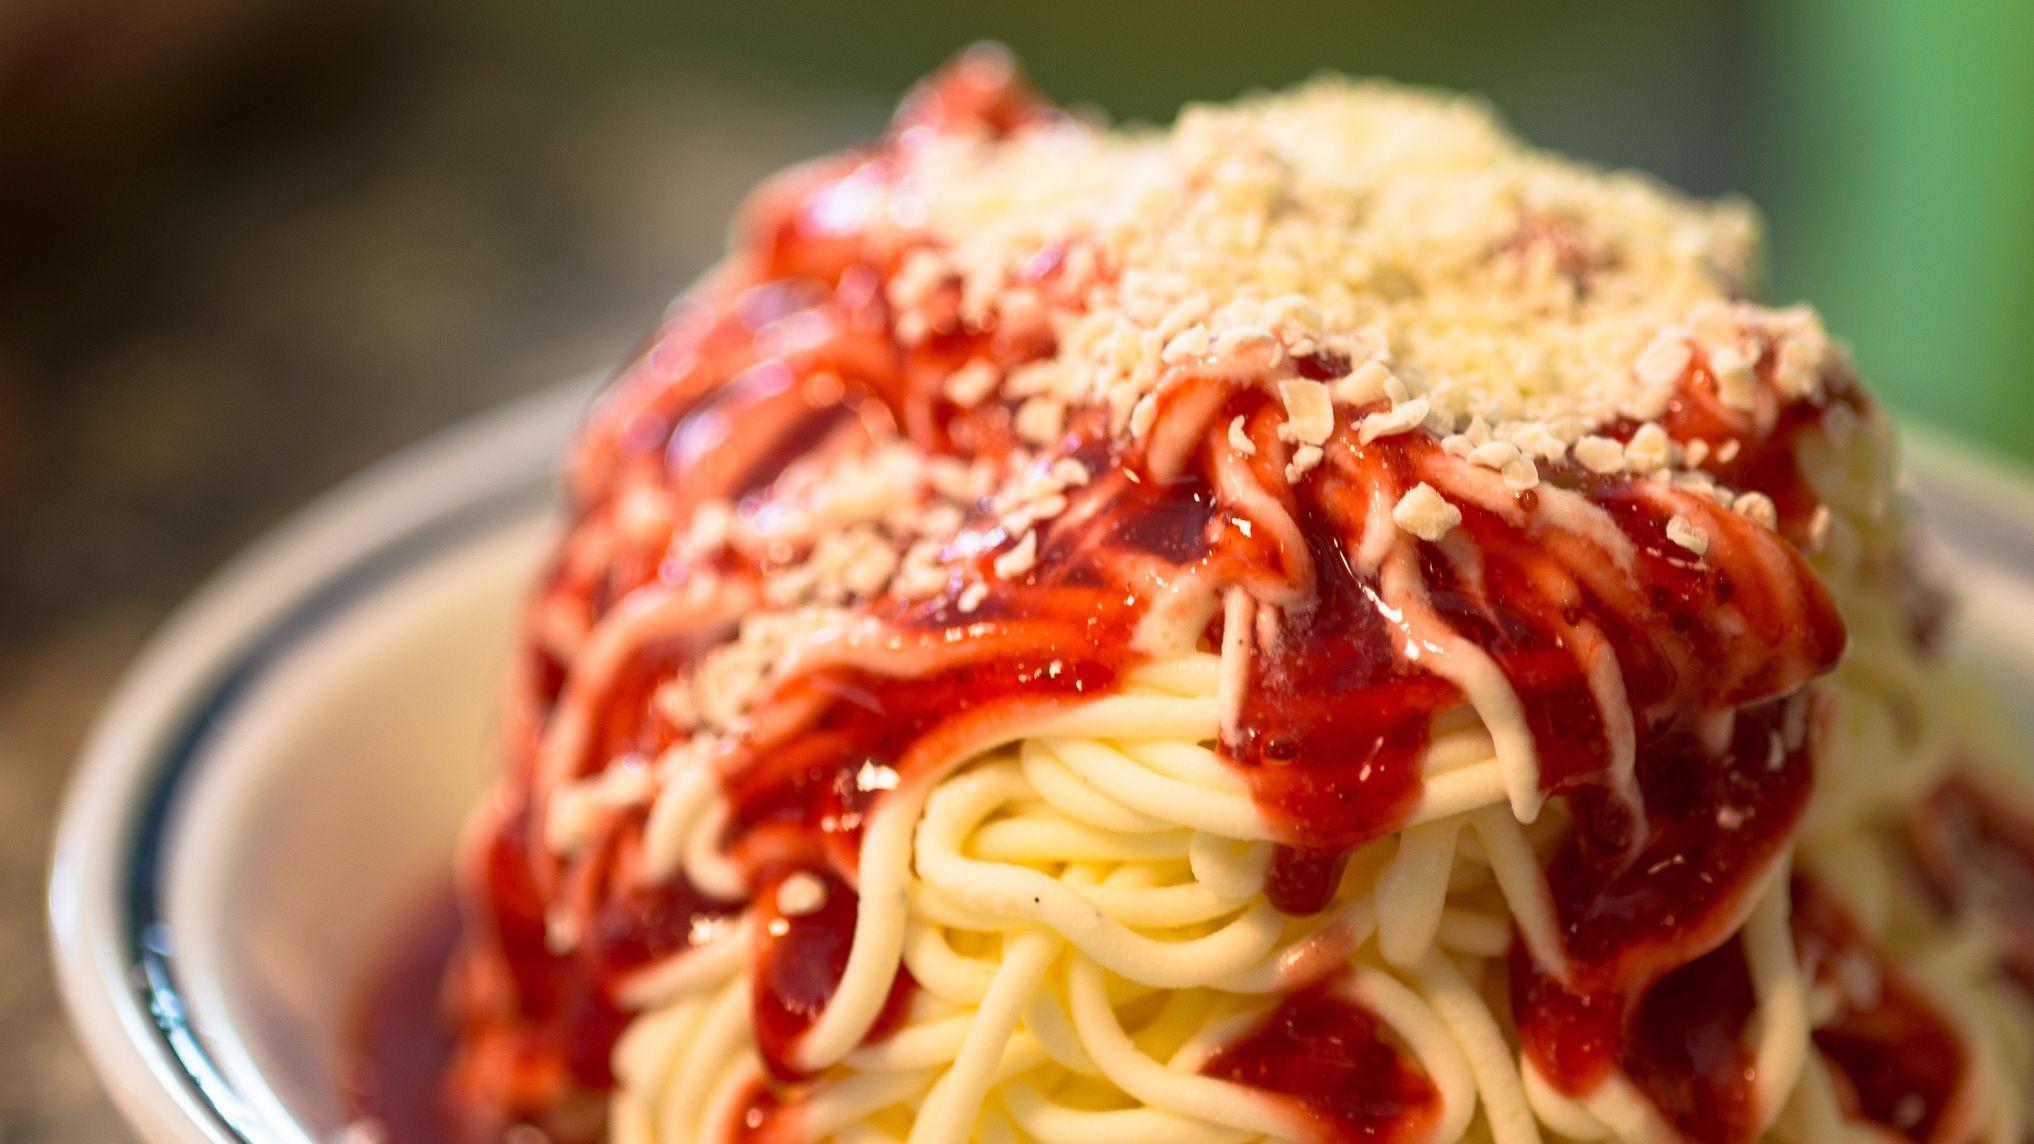 Spaghettieis: a Novelty Ice Cream Sundae From Germany